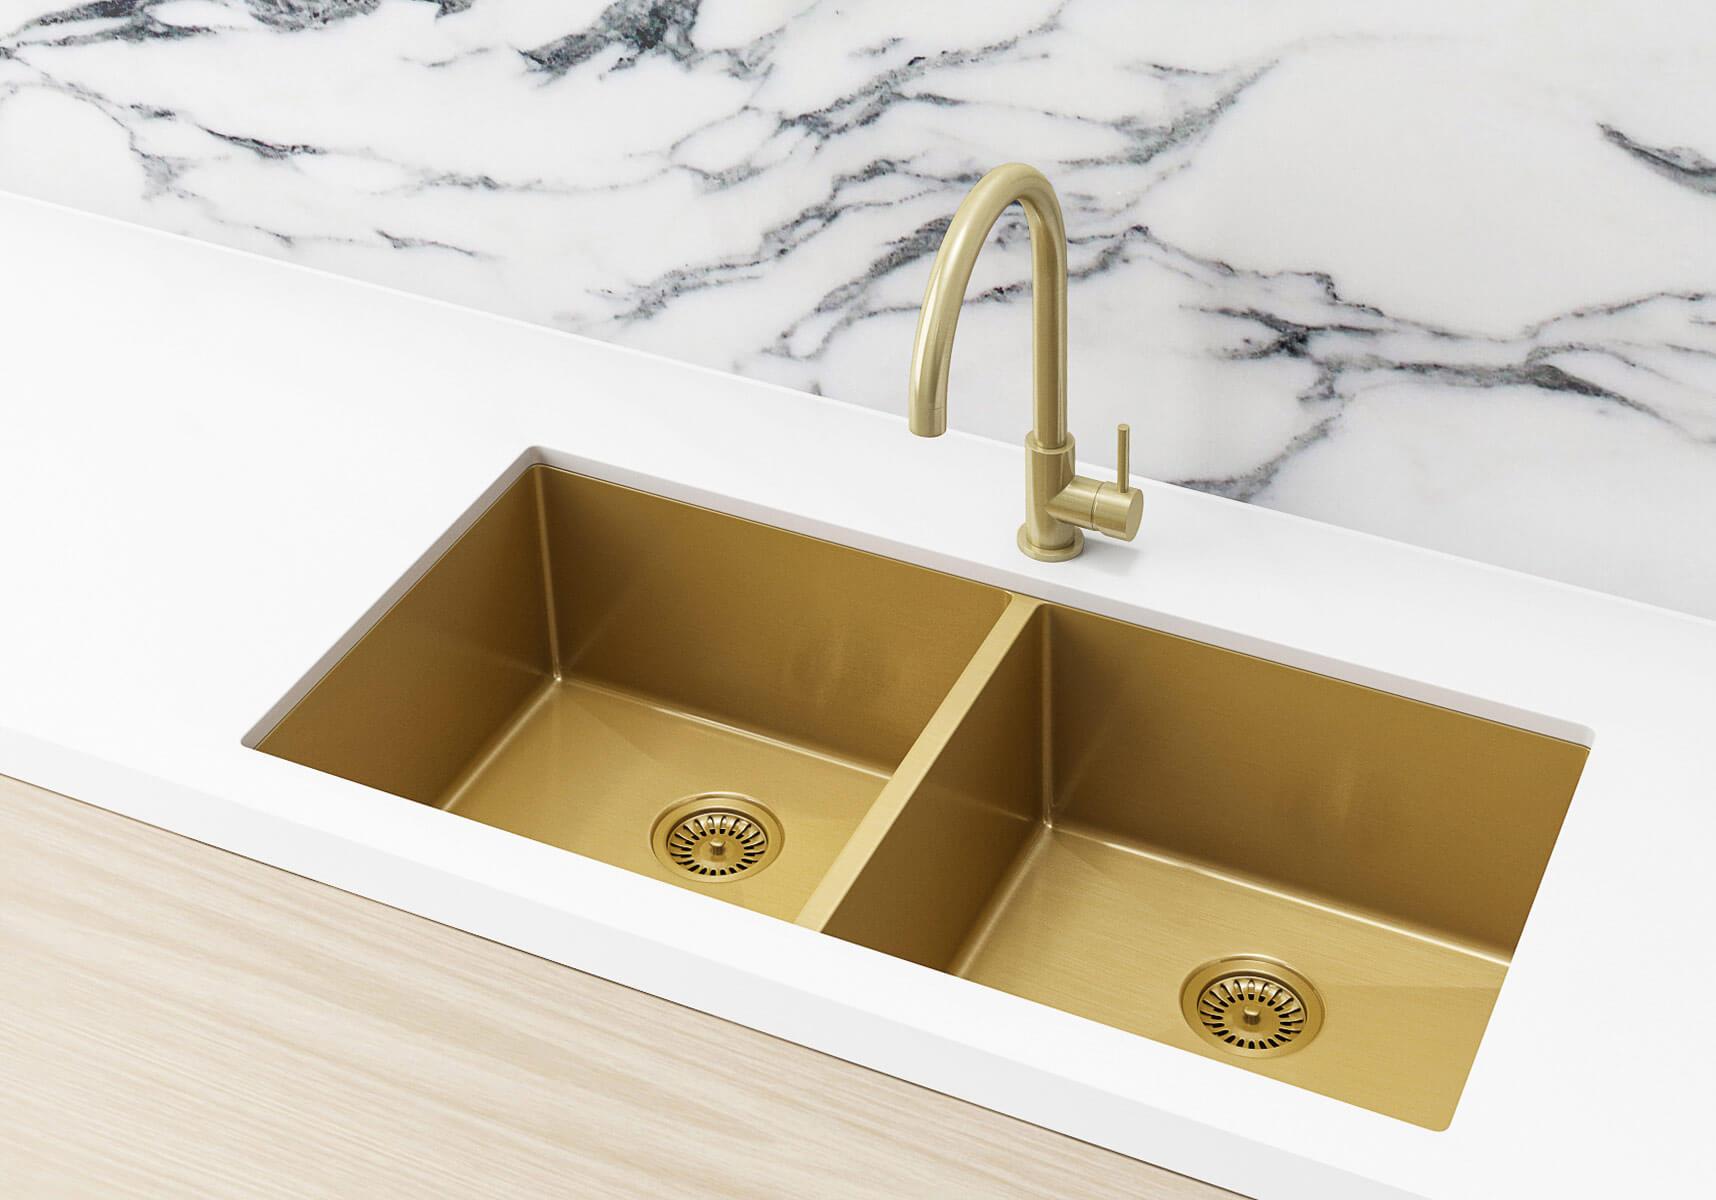 Brushed Gold Kitchen Sink